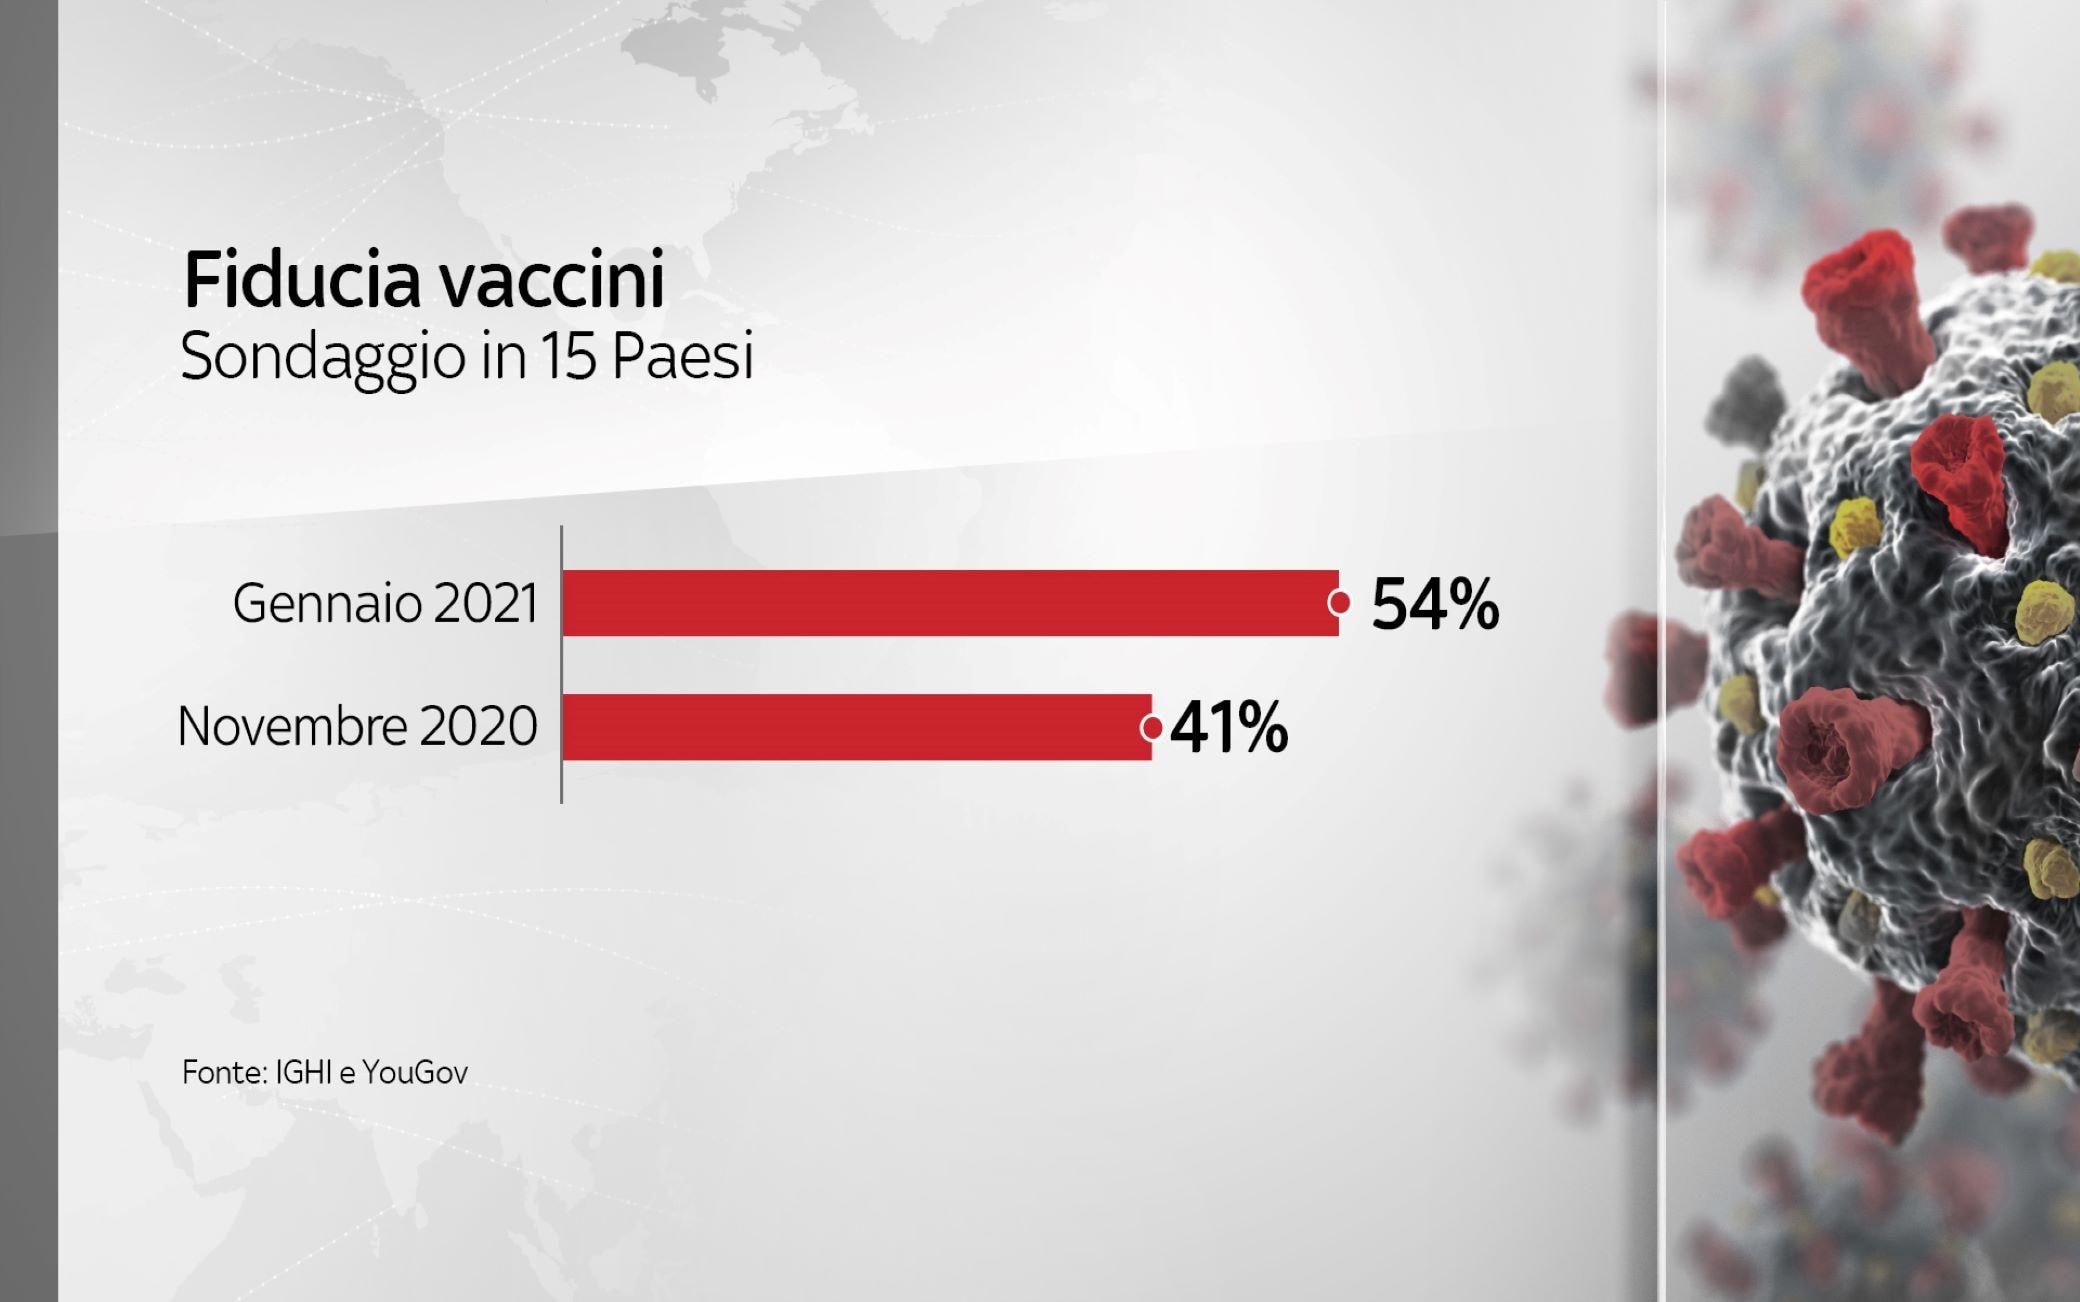 La fiducia nei confronti del vaccino